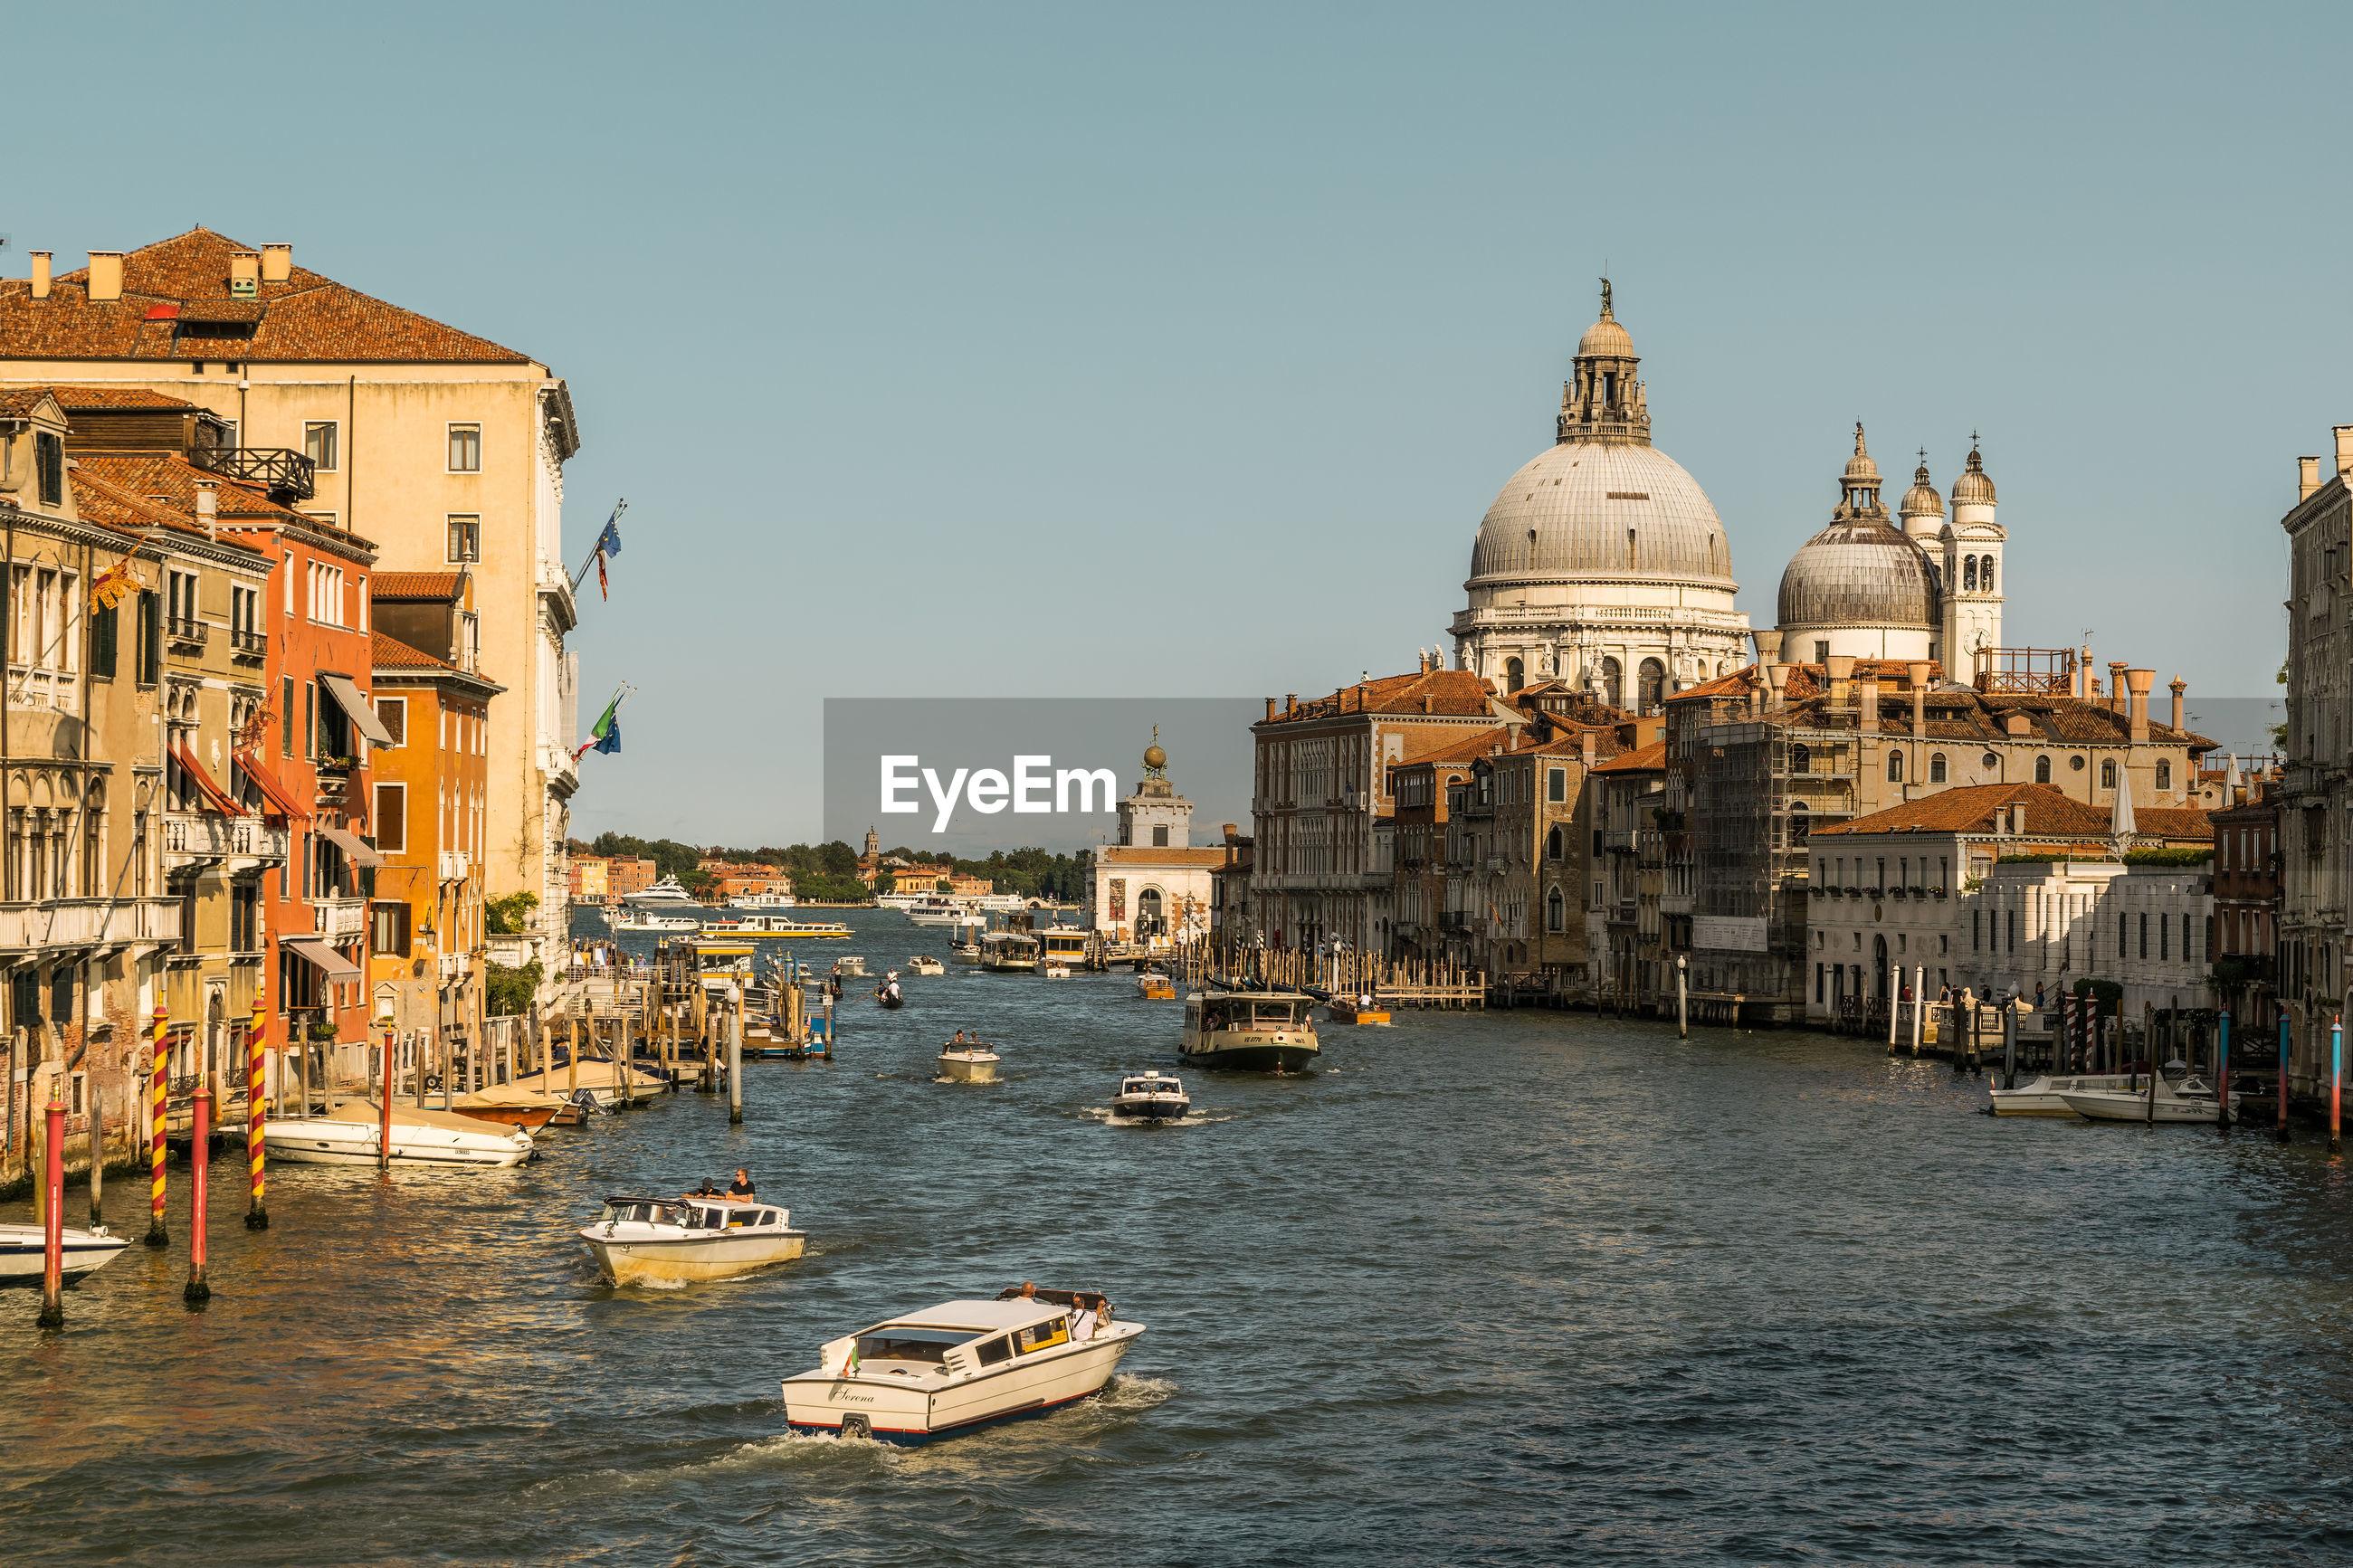 Grand canal and santa maria della salute in city